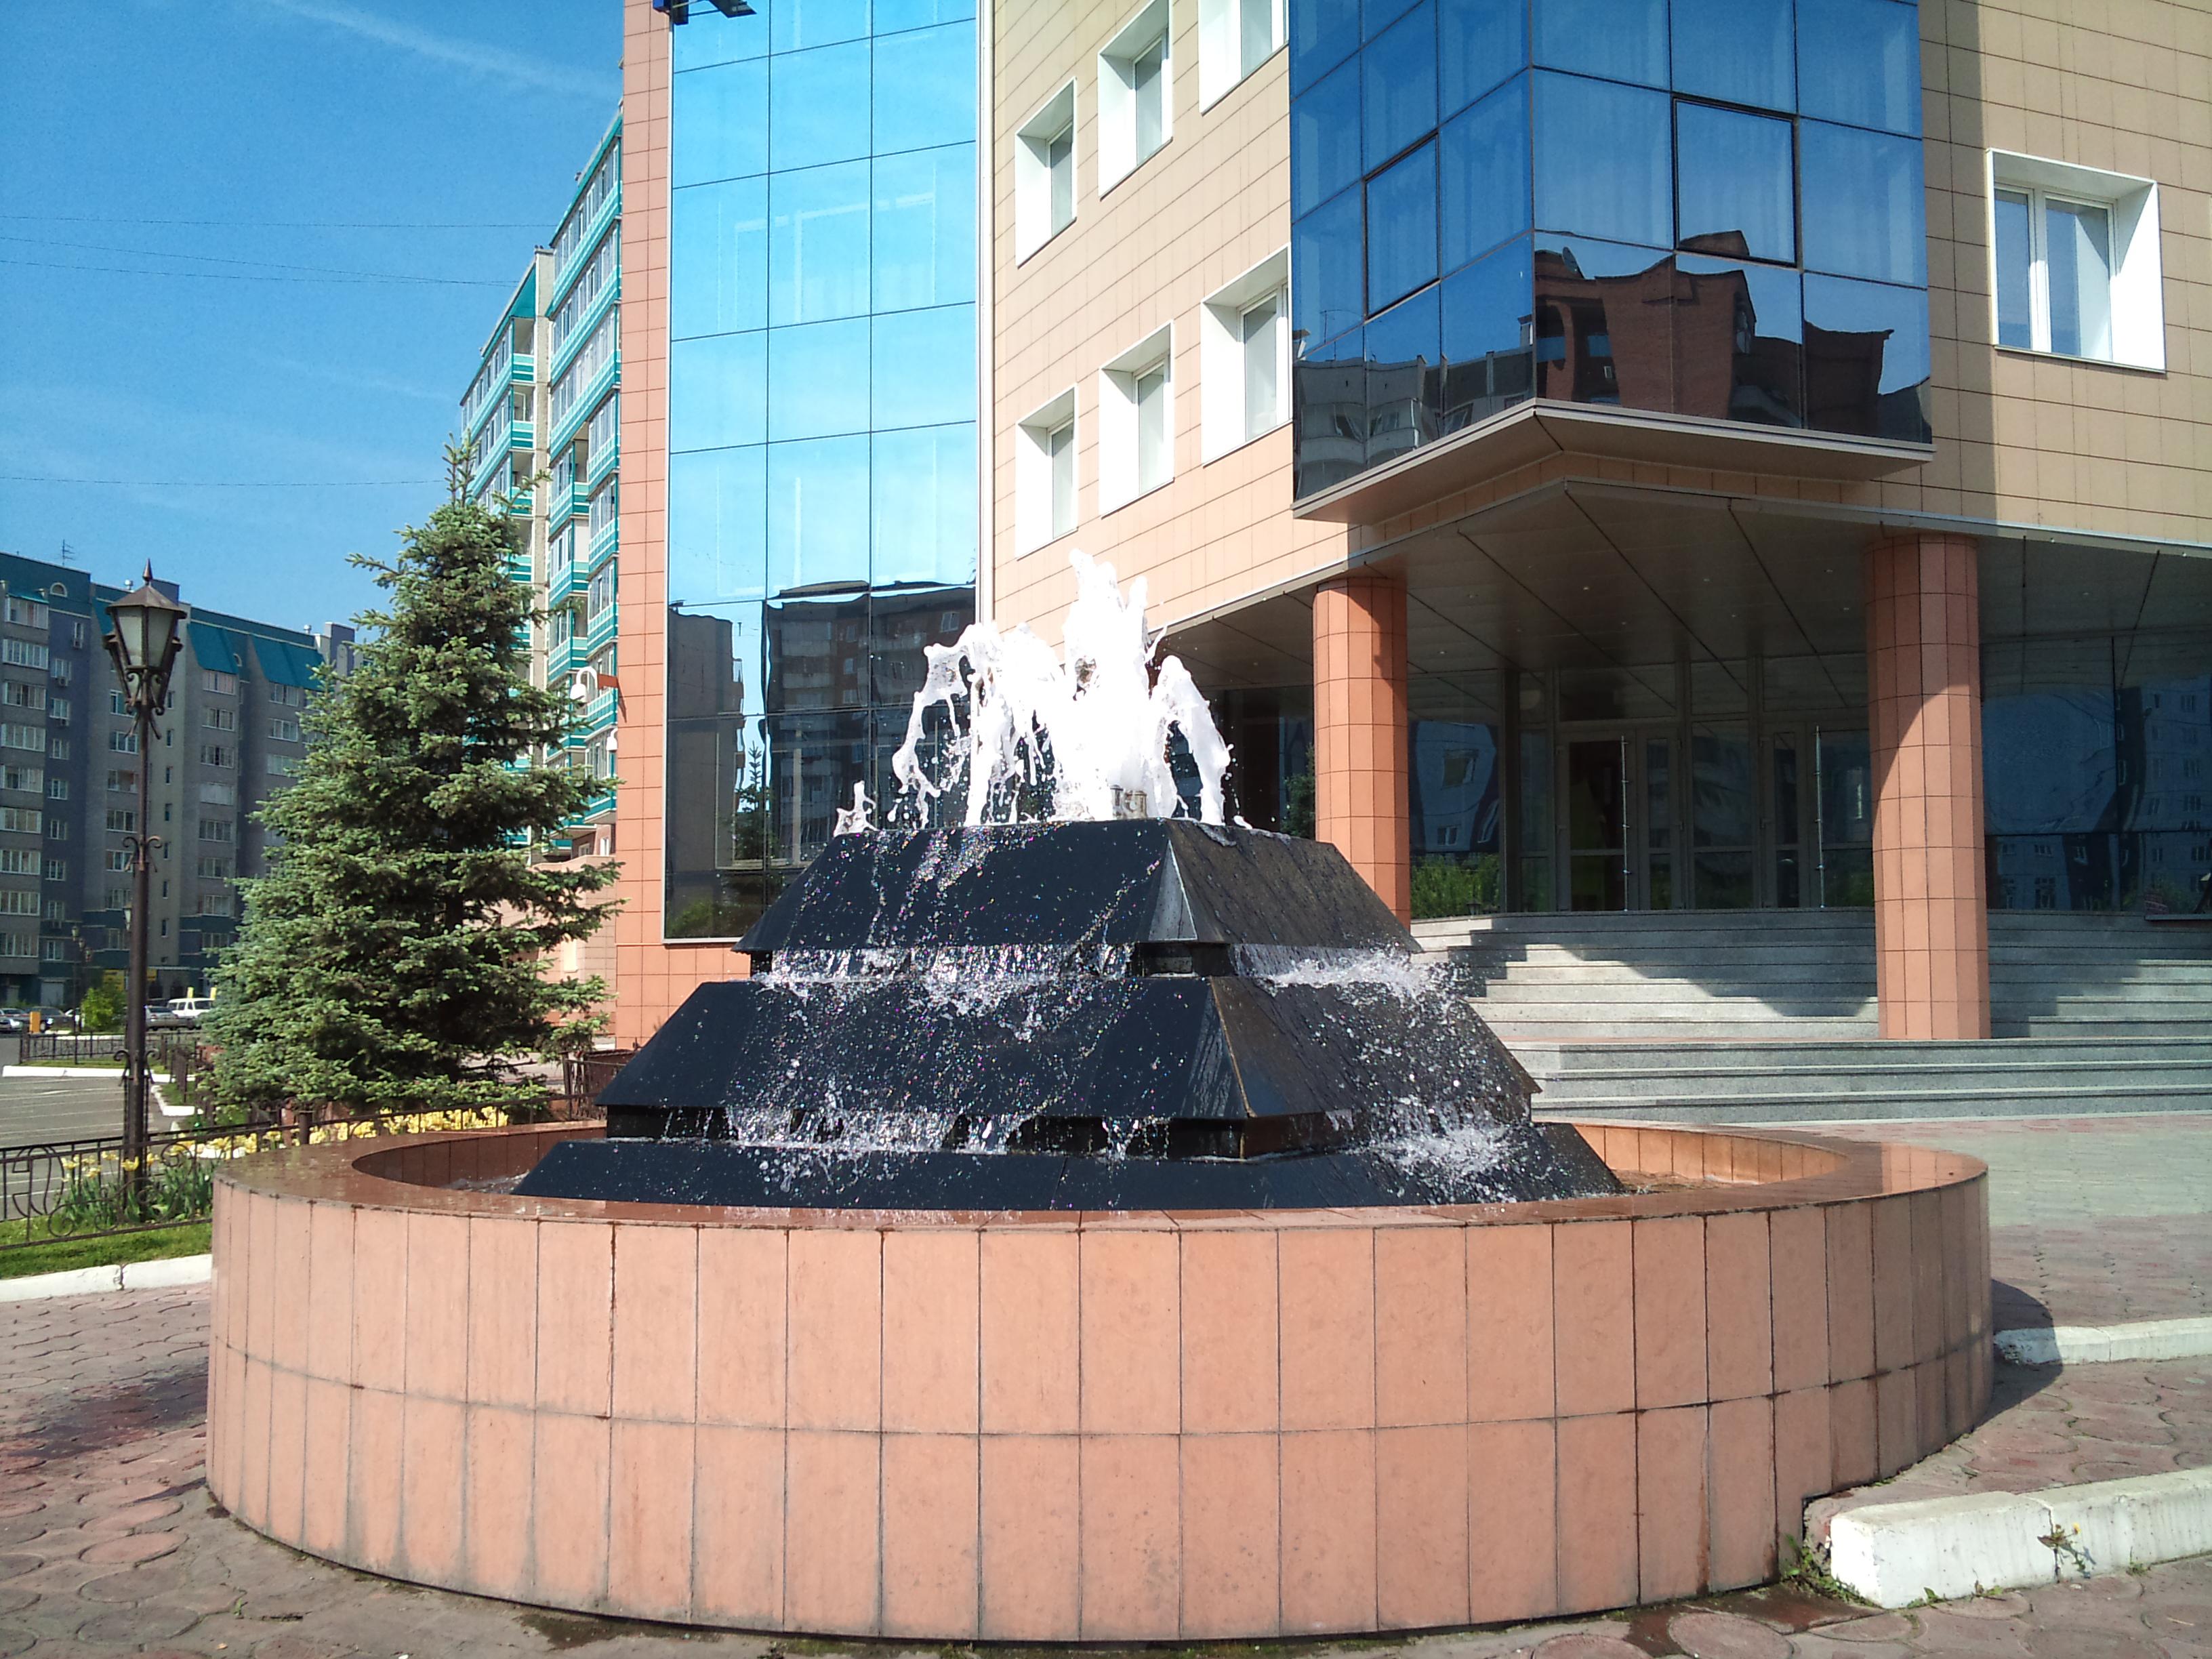 Красноярск Фонтан Управляющей строительной компании Сибиряк. 10.06.2012 года